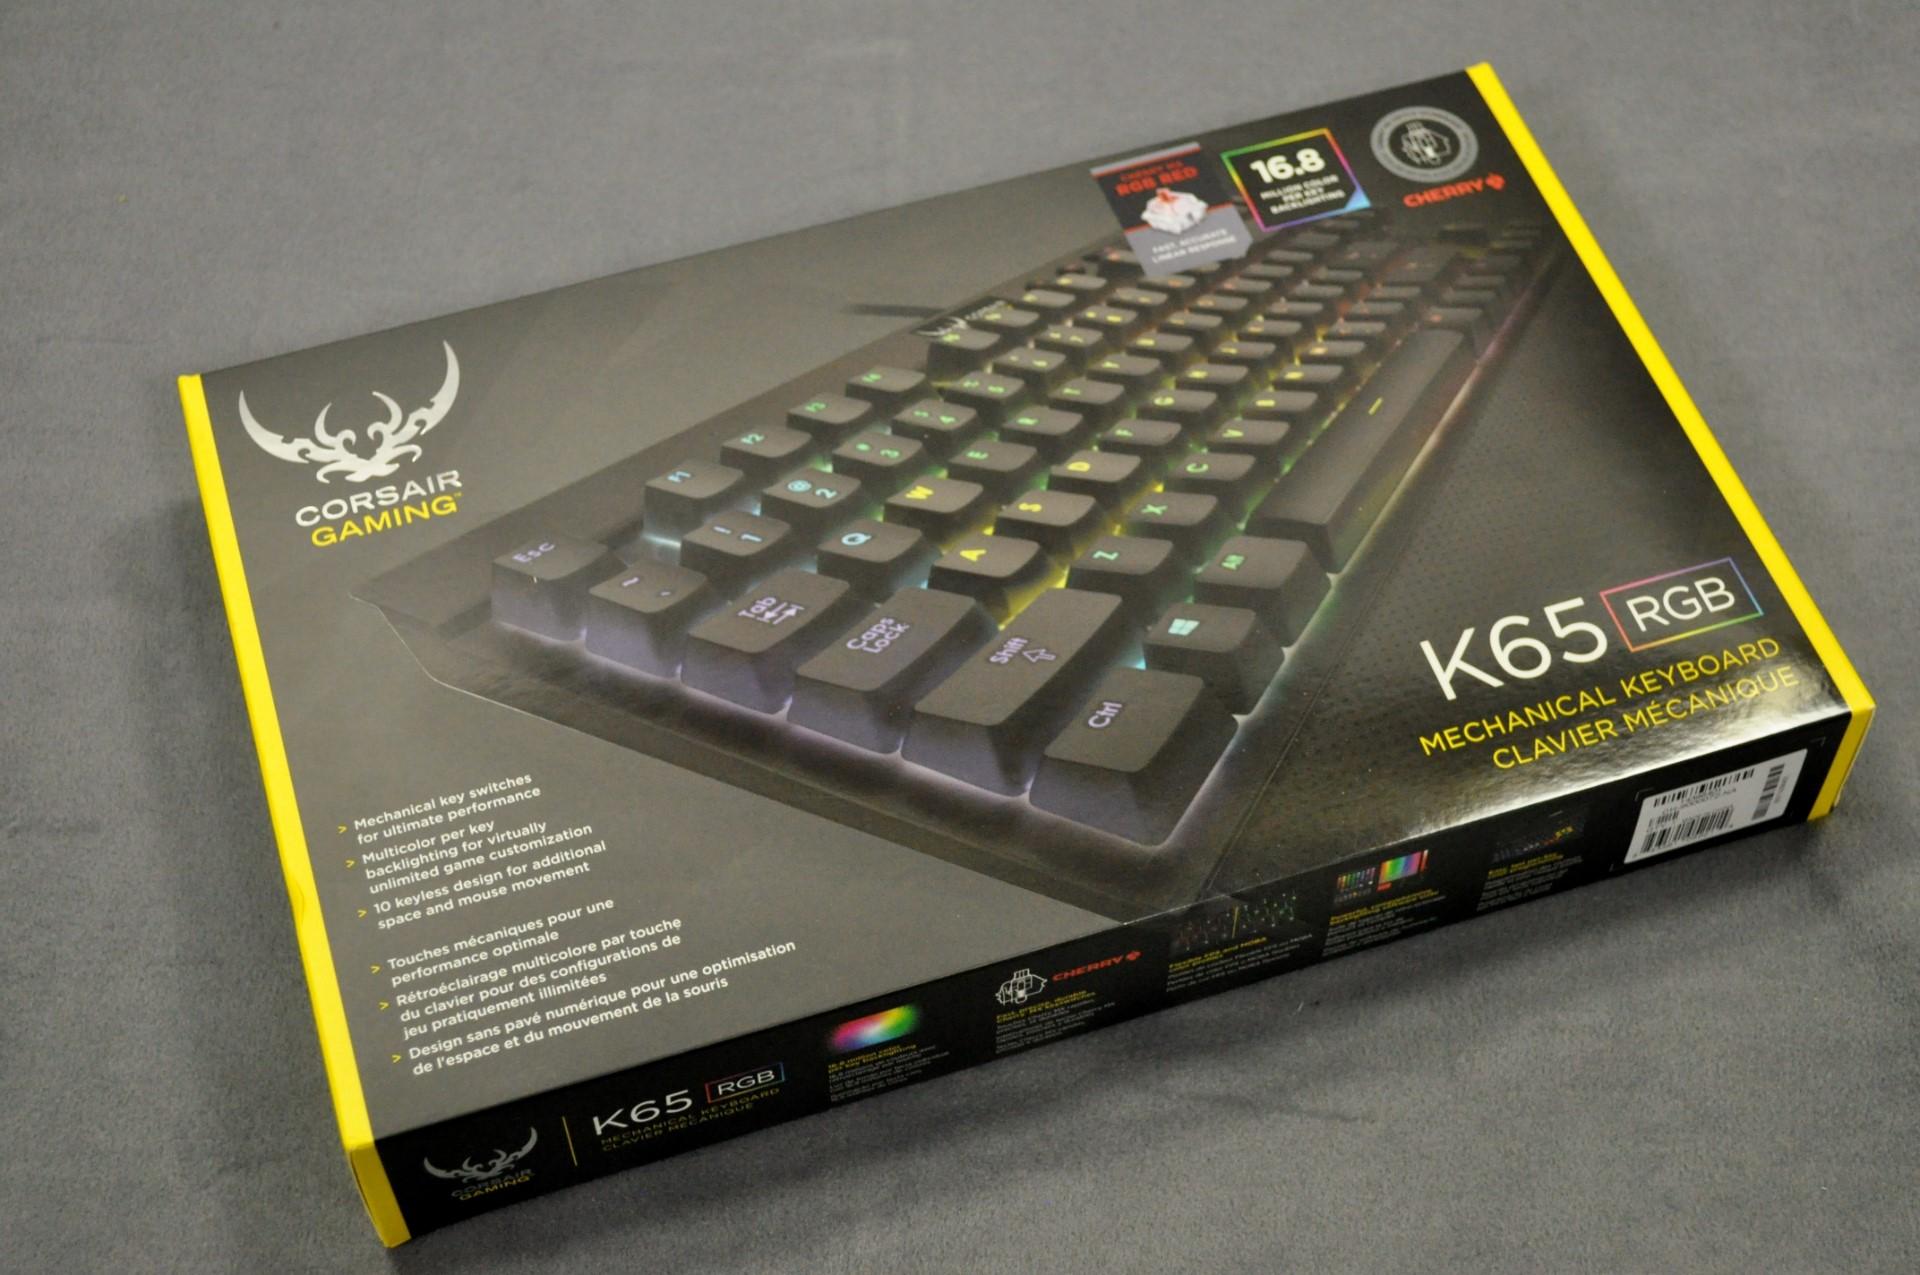 Corsair Gaming K65 RGB & K95 RGB Mechanical Gaming Keyboards - The